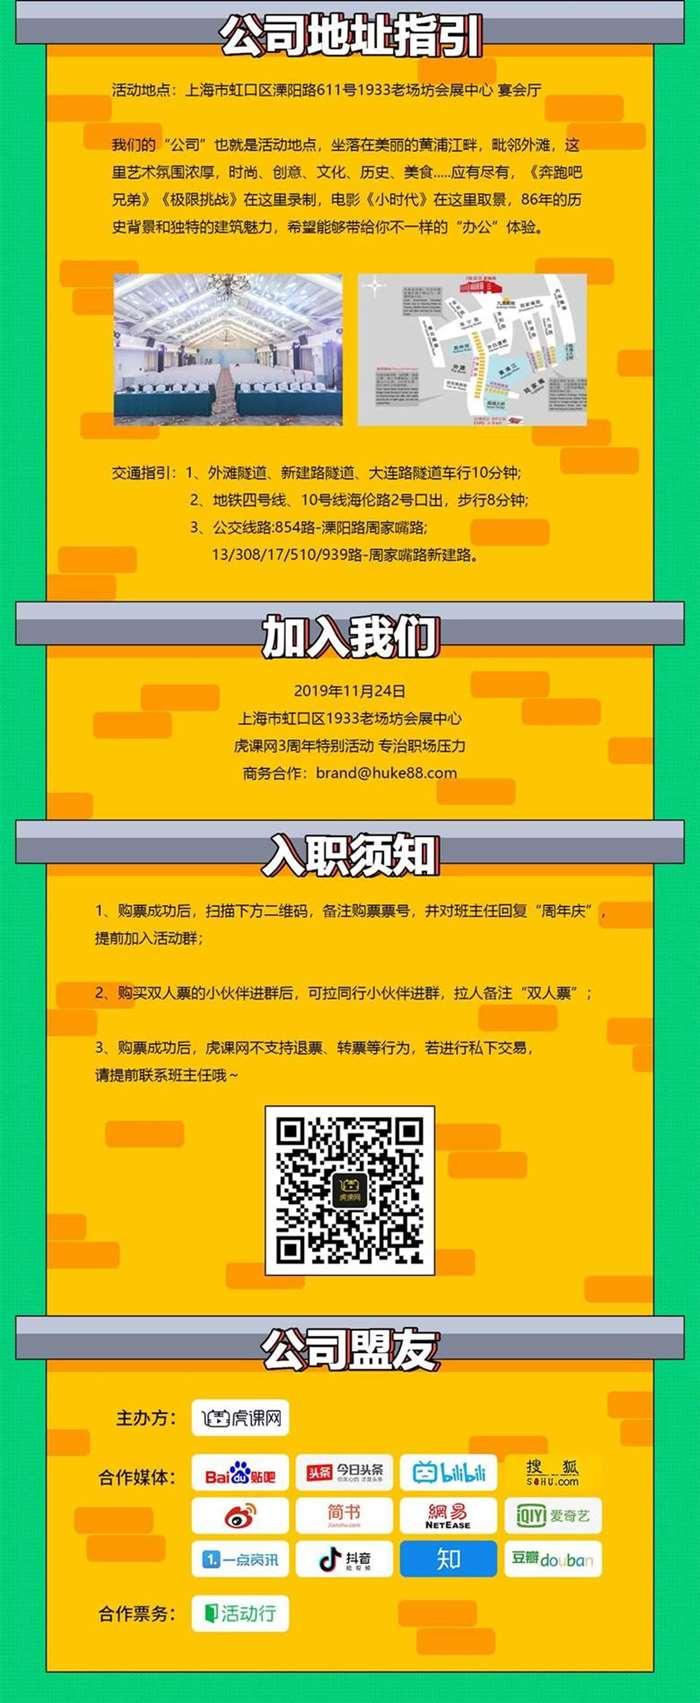 网站公告_02.jpg